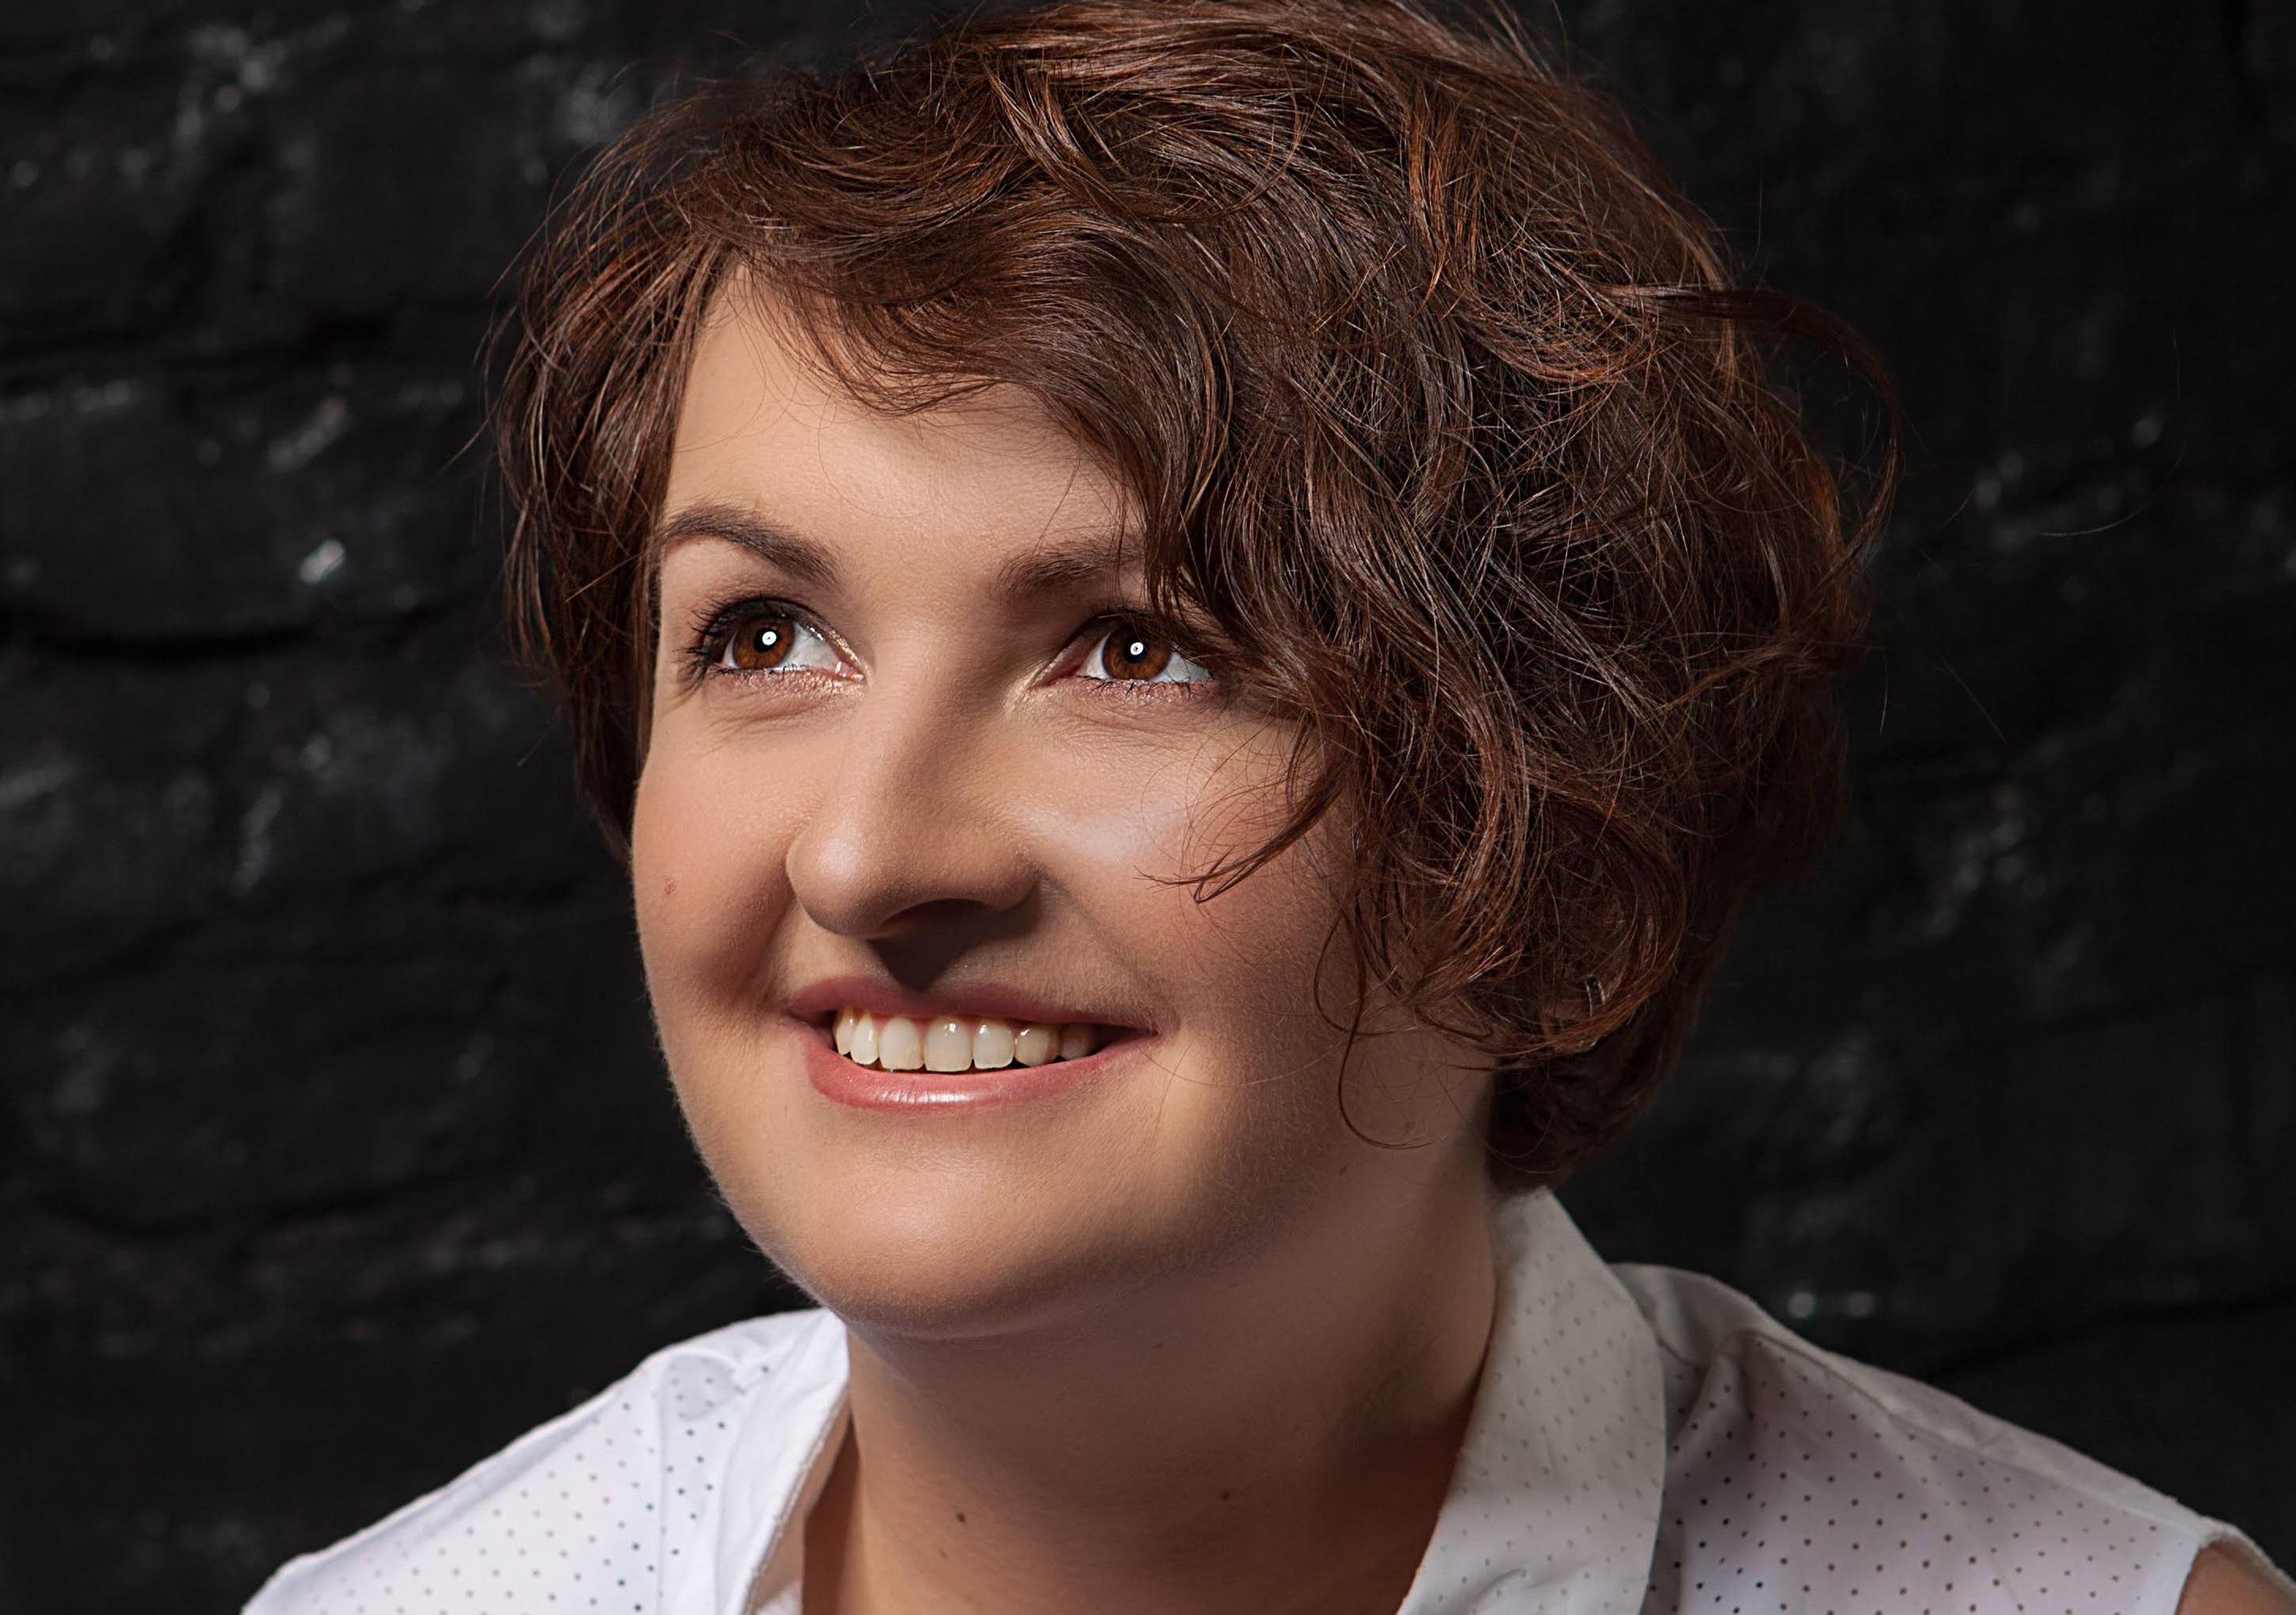 Світлана Степанюк стала медіадиректором агентства Vizeum Ukraine